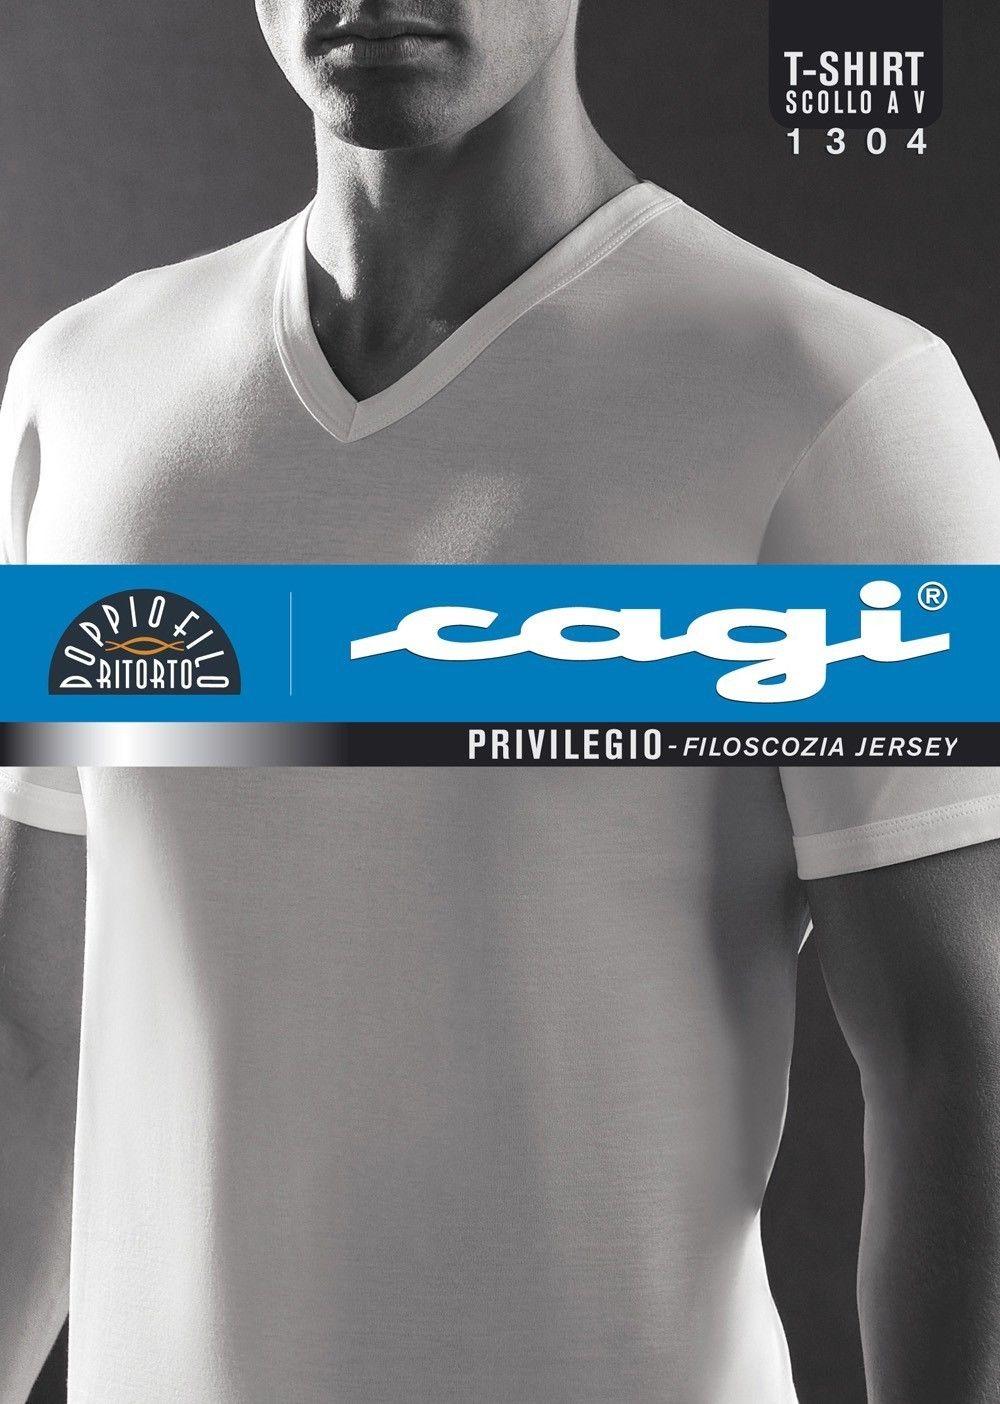 T Cagi Art1304 Scollo Filo 74 5 Shirt Scozia 6 A V Taglia Uomo Di vn0NOm8w